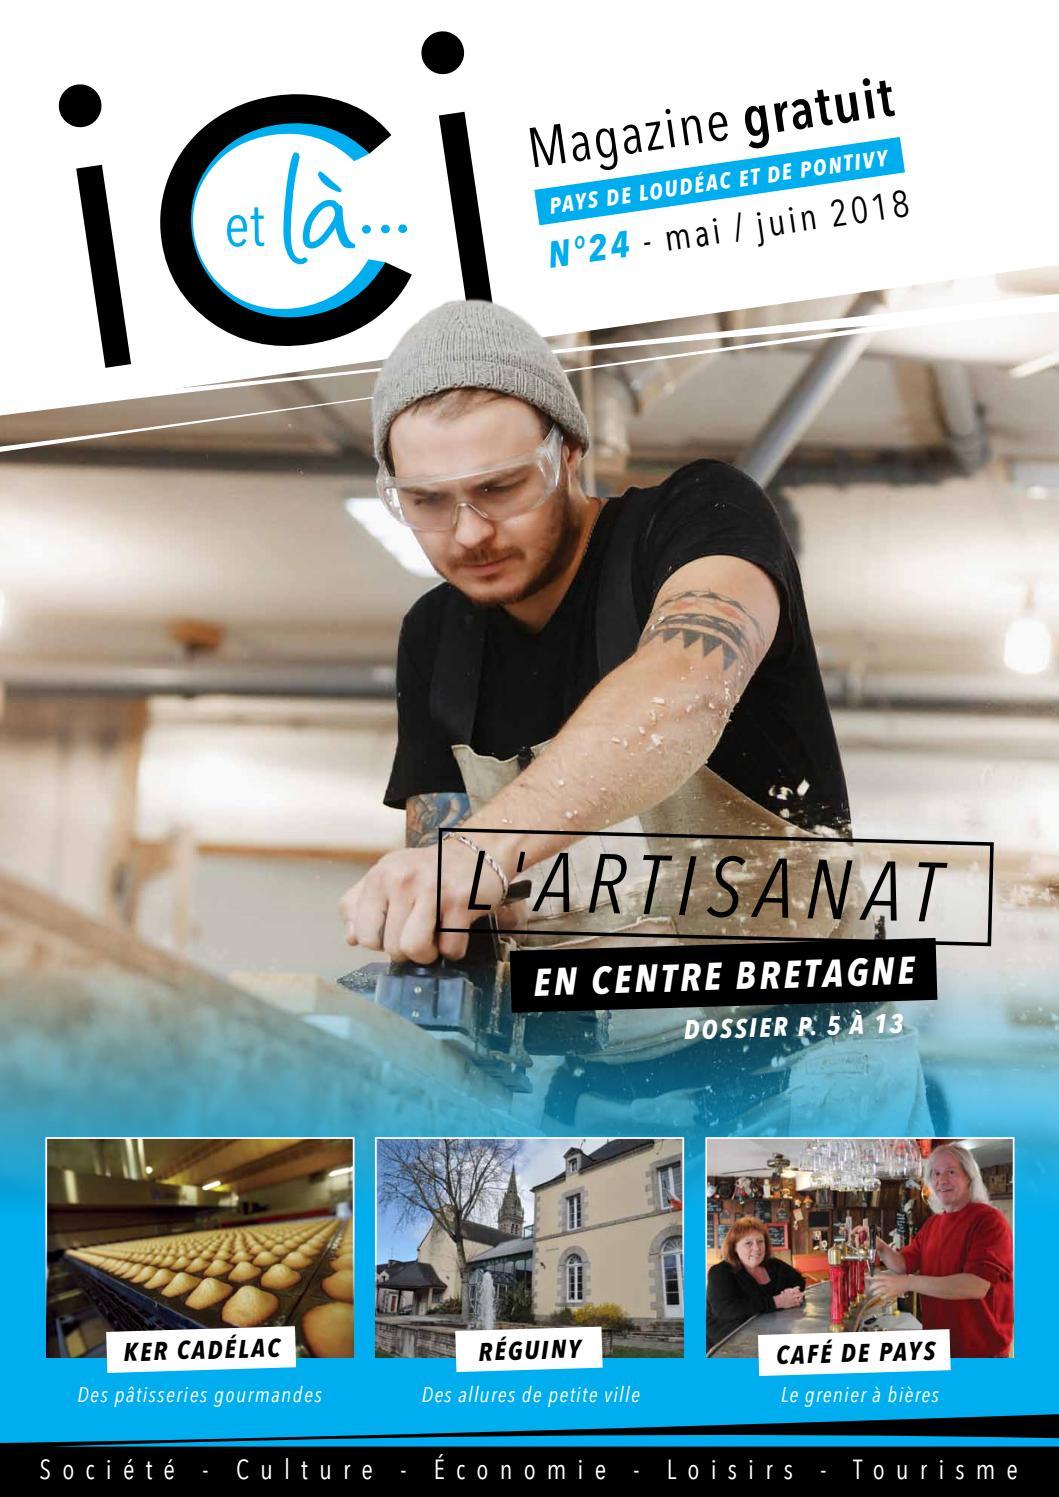 Ici et là magazine - Numéro 24 - Pays de Loudéac et de Pontivy by Ici et là  magazine - issuu